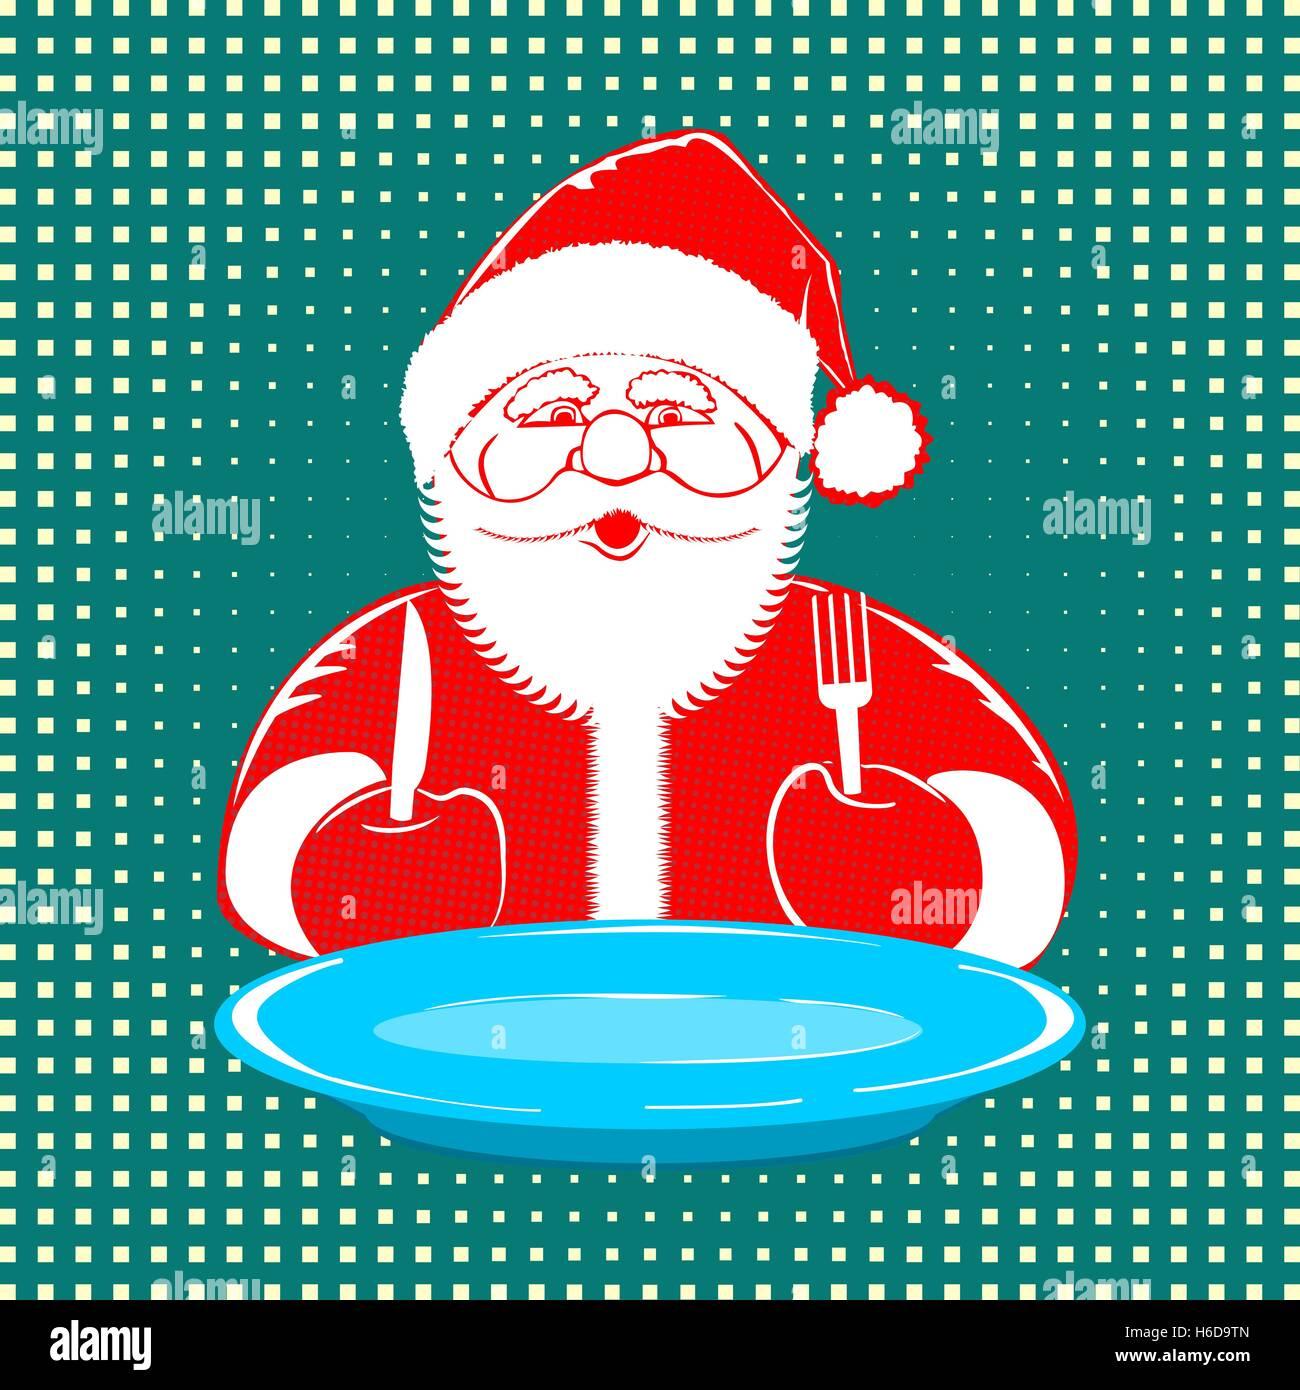 Vektor Illustration Weihnachtsmann Comic Stildesign Mit